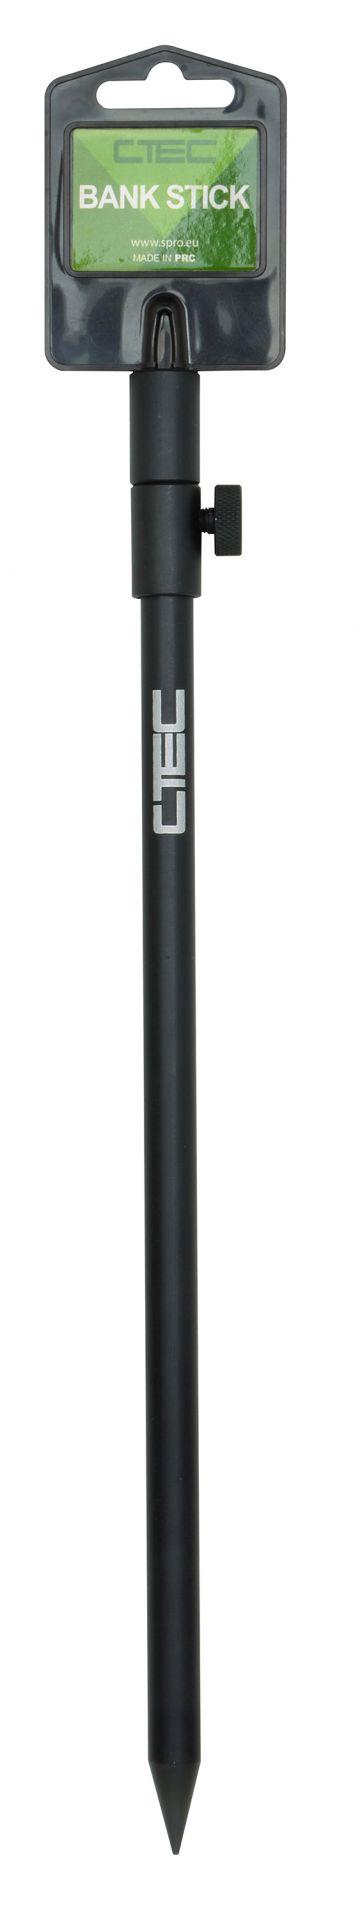 Cteccarp Matt Black Bankstick zwart bankstick 40-70cm